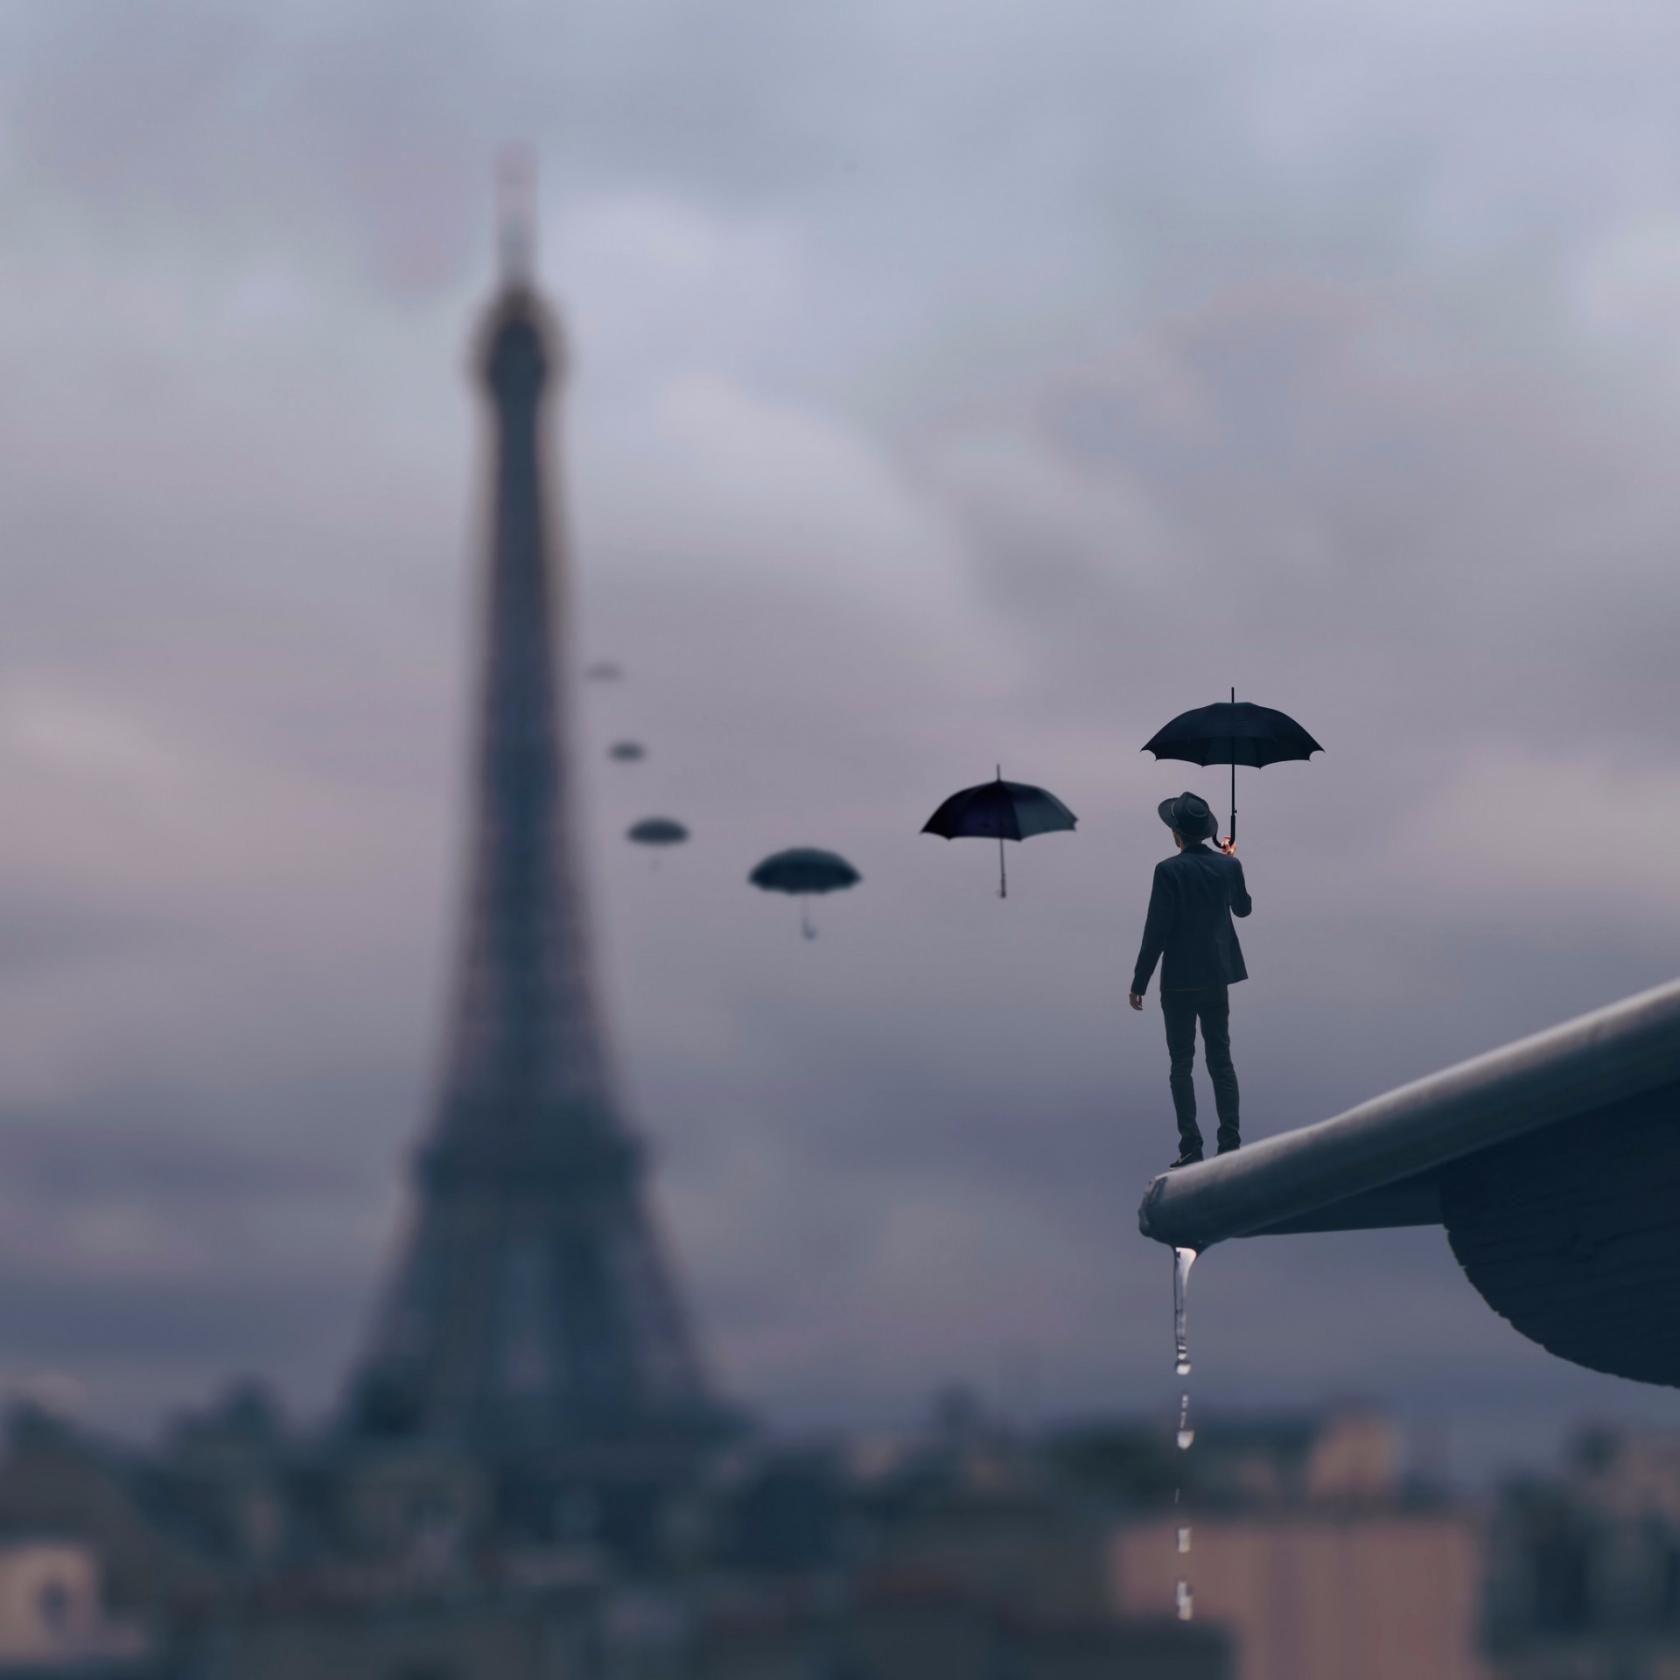 Обои фантазия, Облака, зонты, комната. Ситуации foto 16